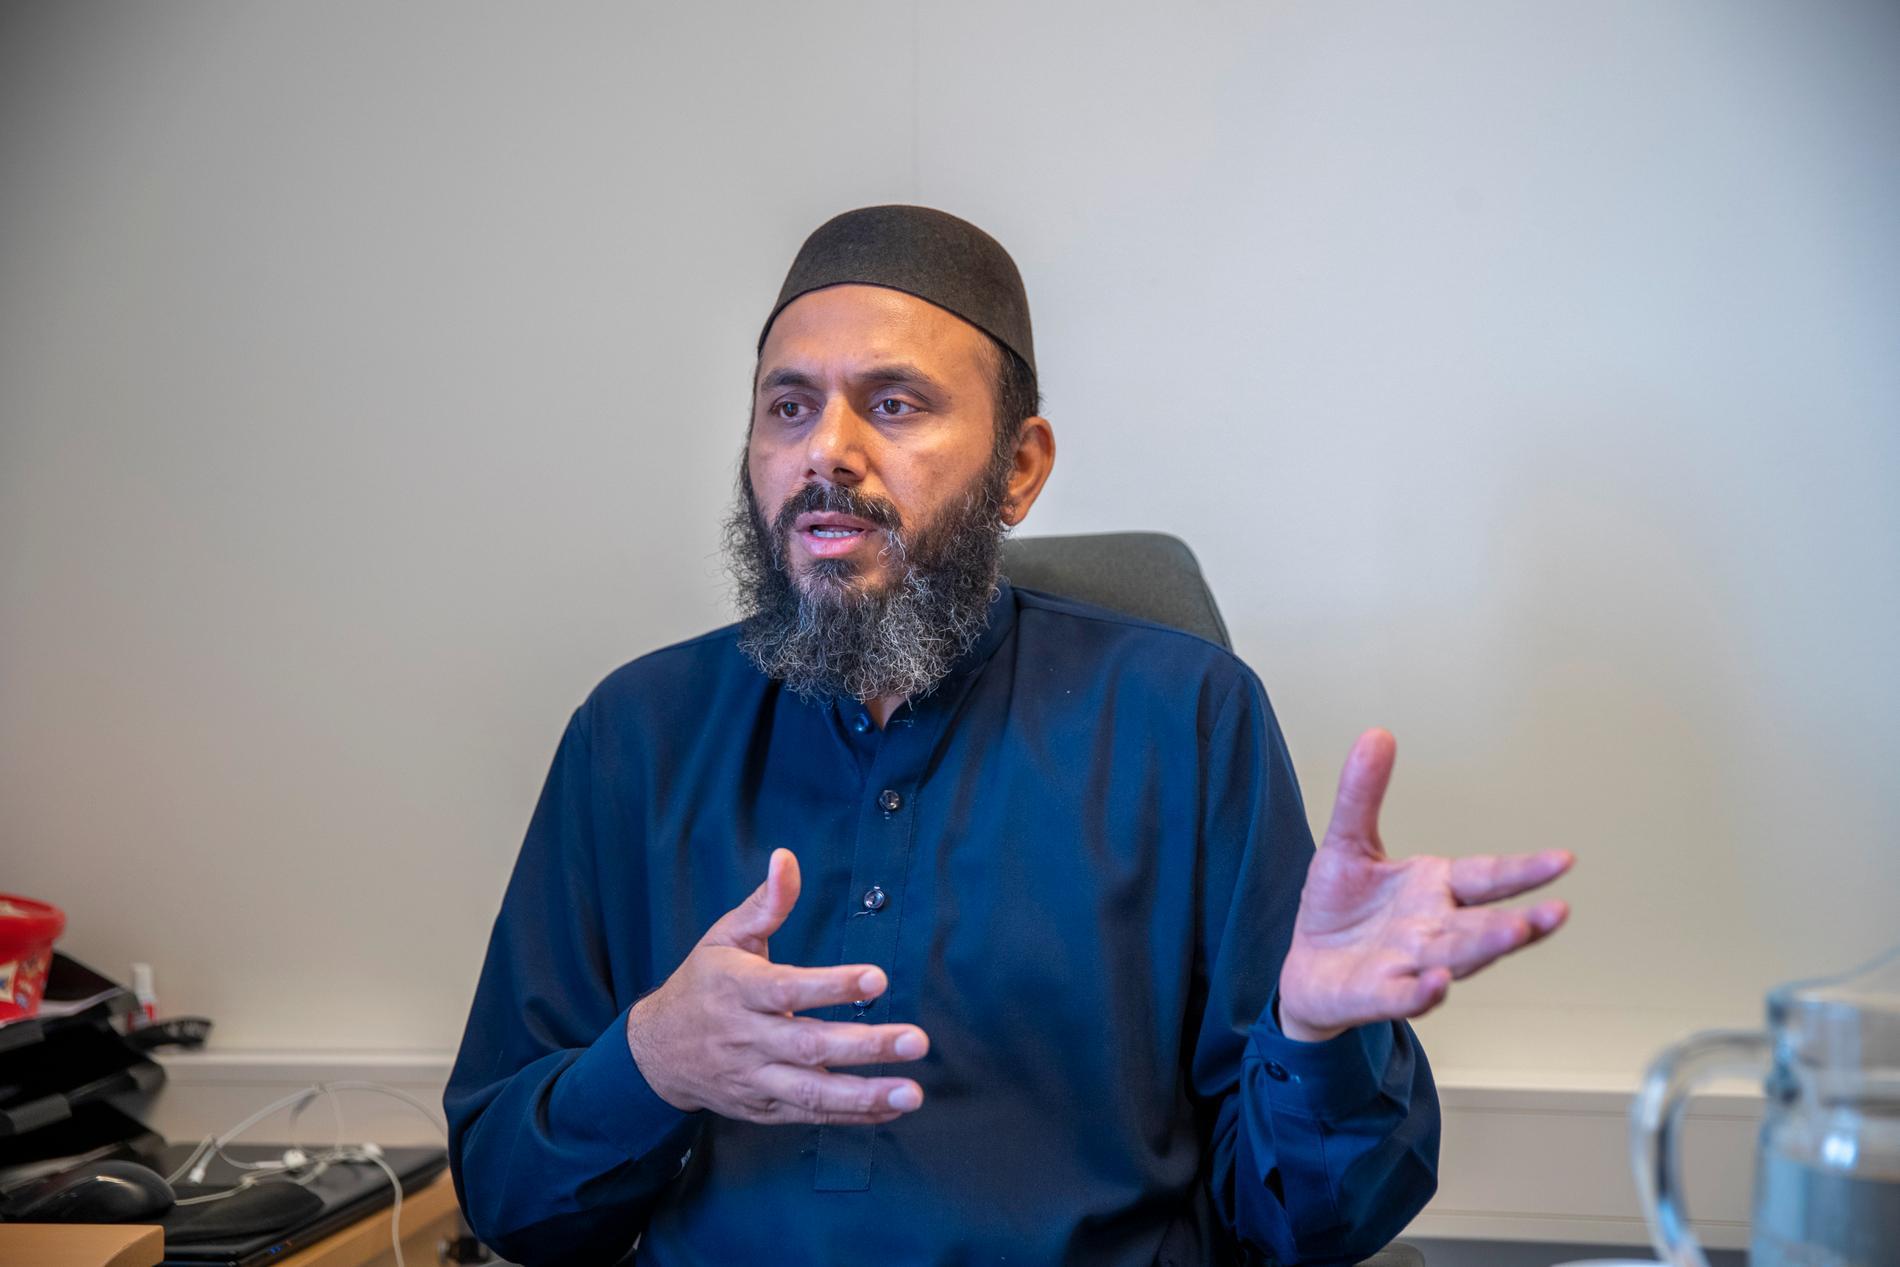 Imam  Rizwan Ahmad Afzal påpekar att Islam inte förespråkar våld. Han kan tänka sig att förklara innehållet i Koranen för den danske politikern Rasmus Paludan.